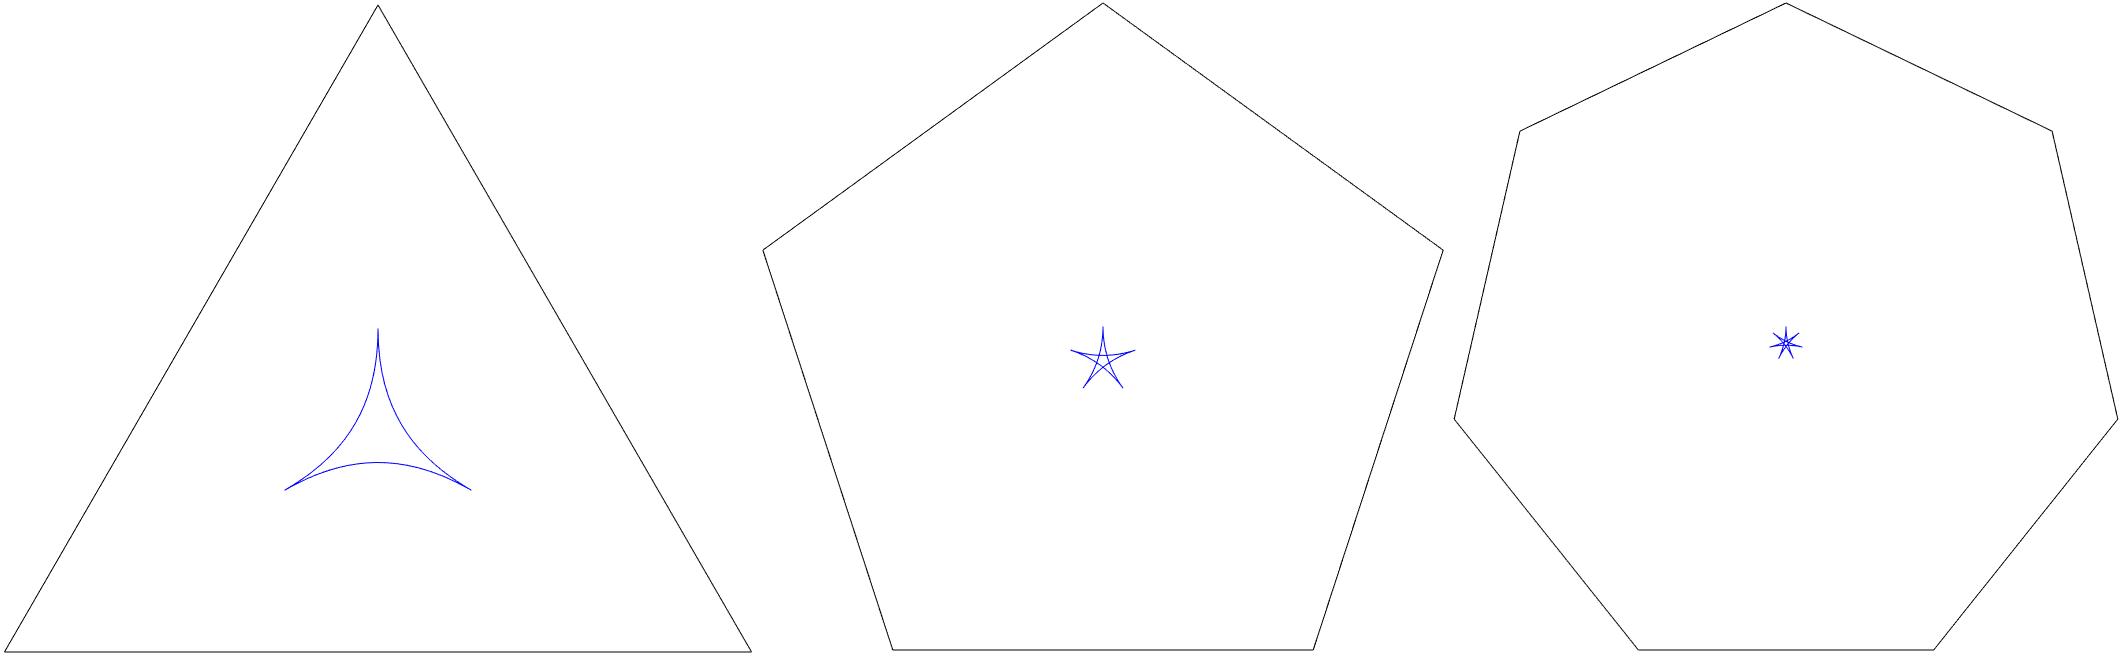 laser_locus357